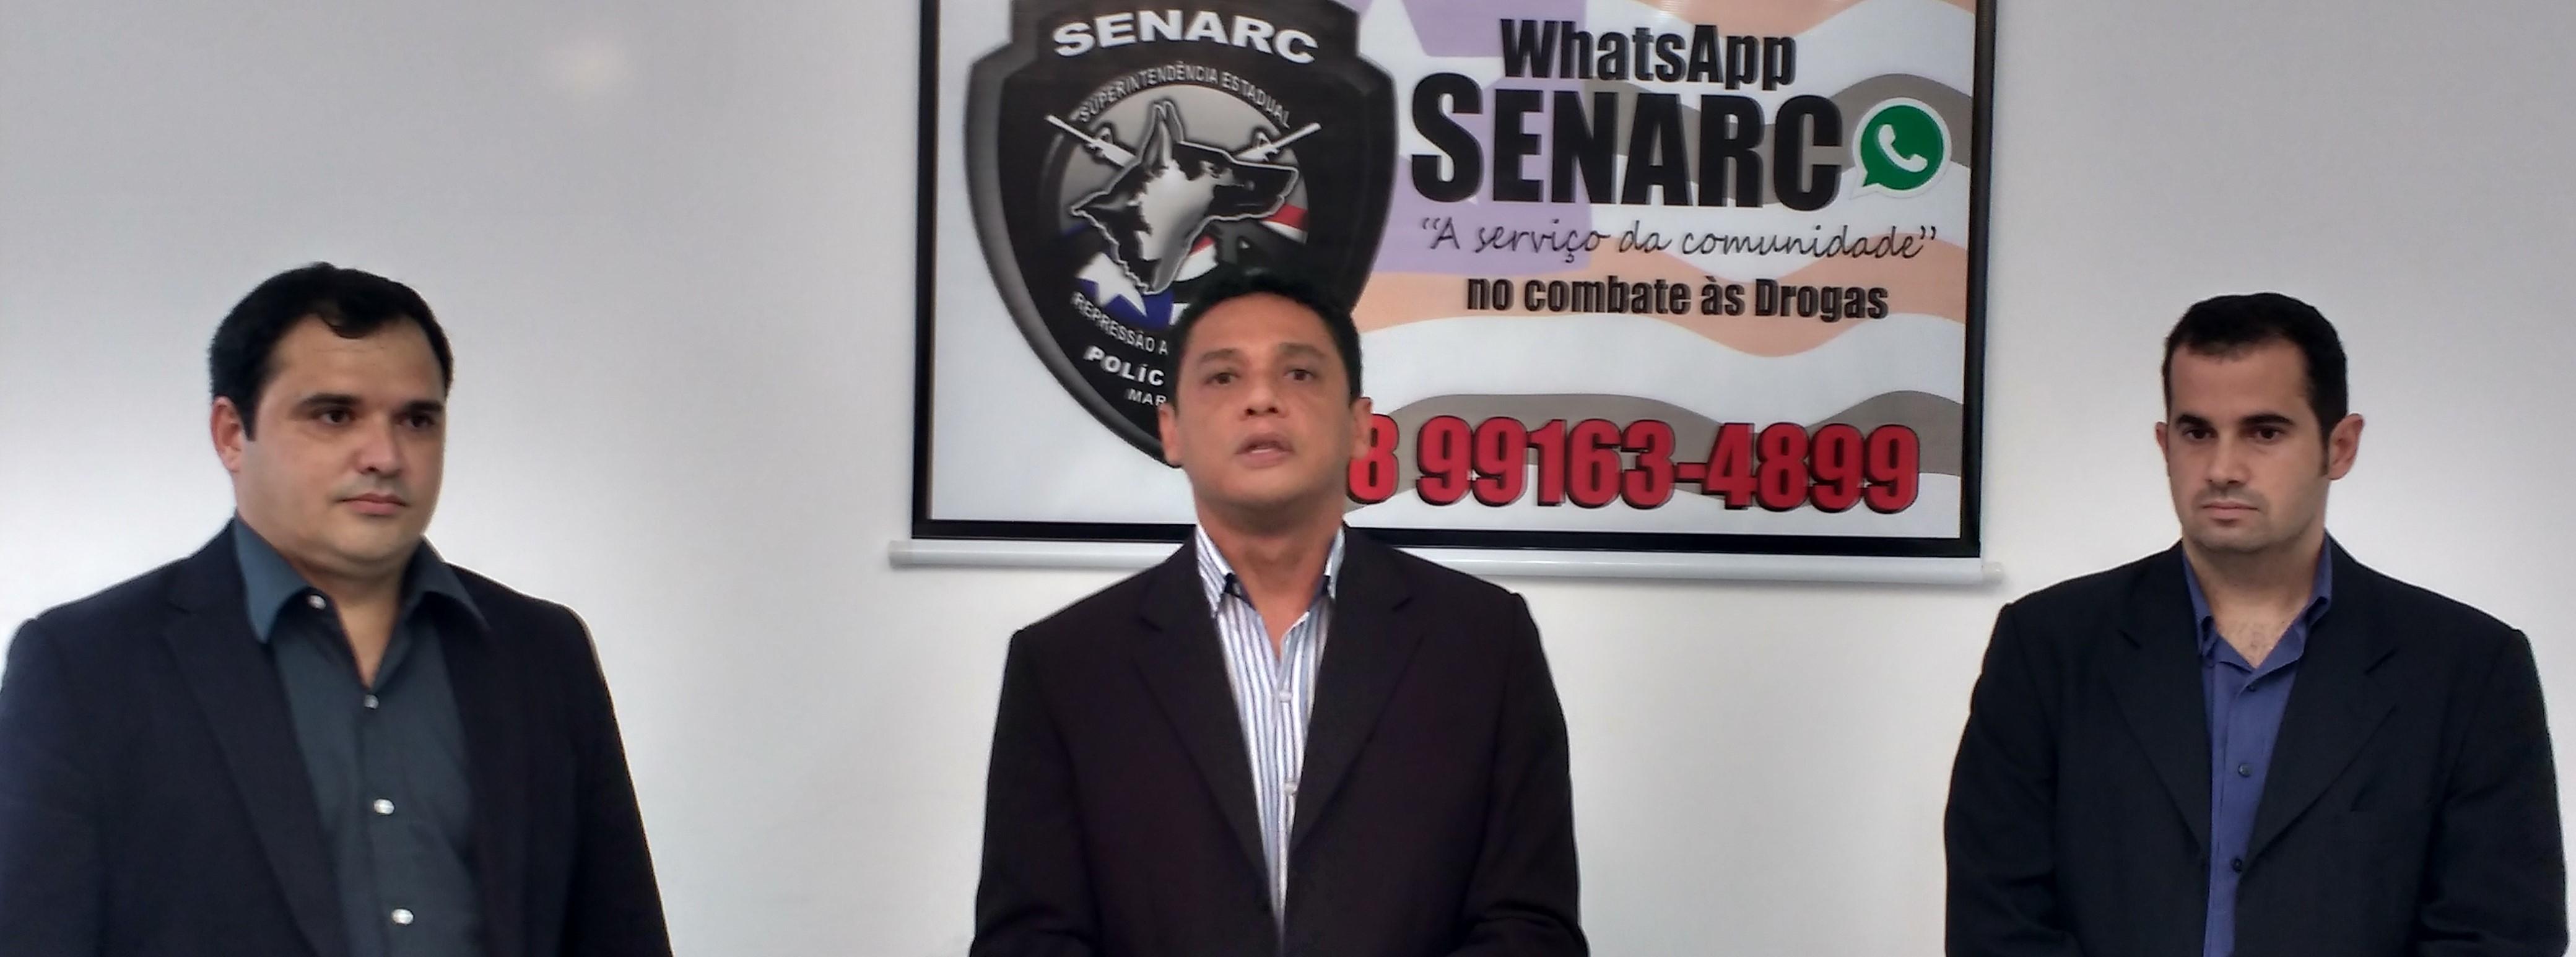 Senarc inova com WhatsApp no combate aos entorpecentes